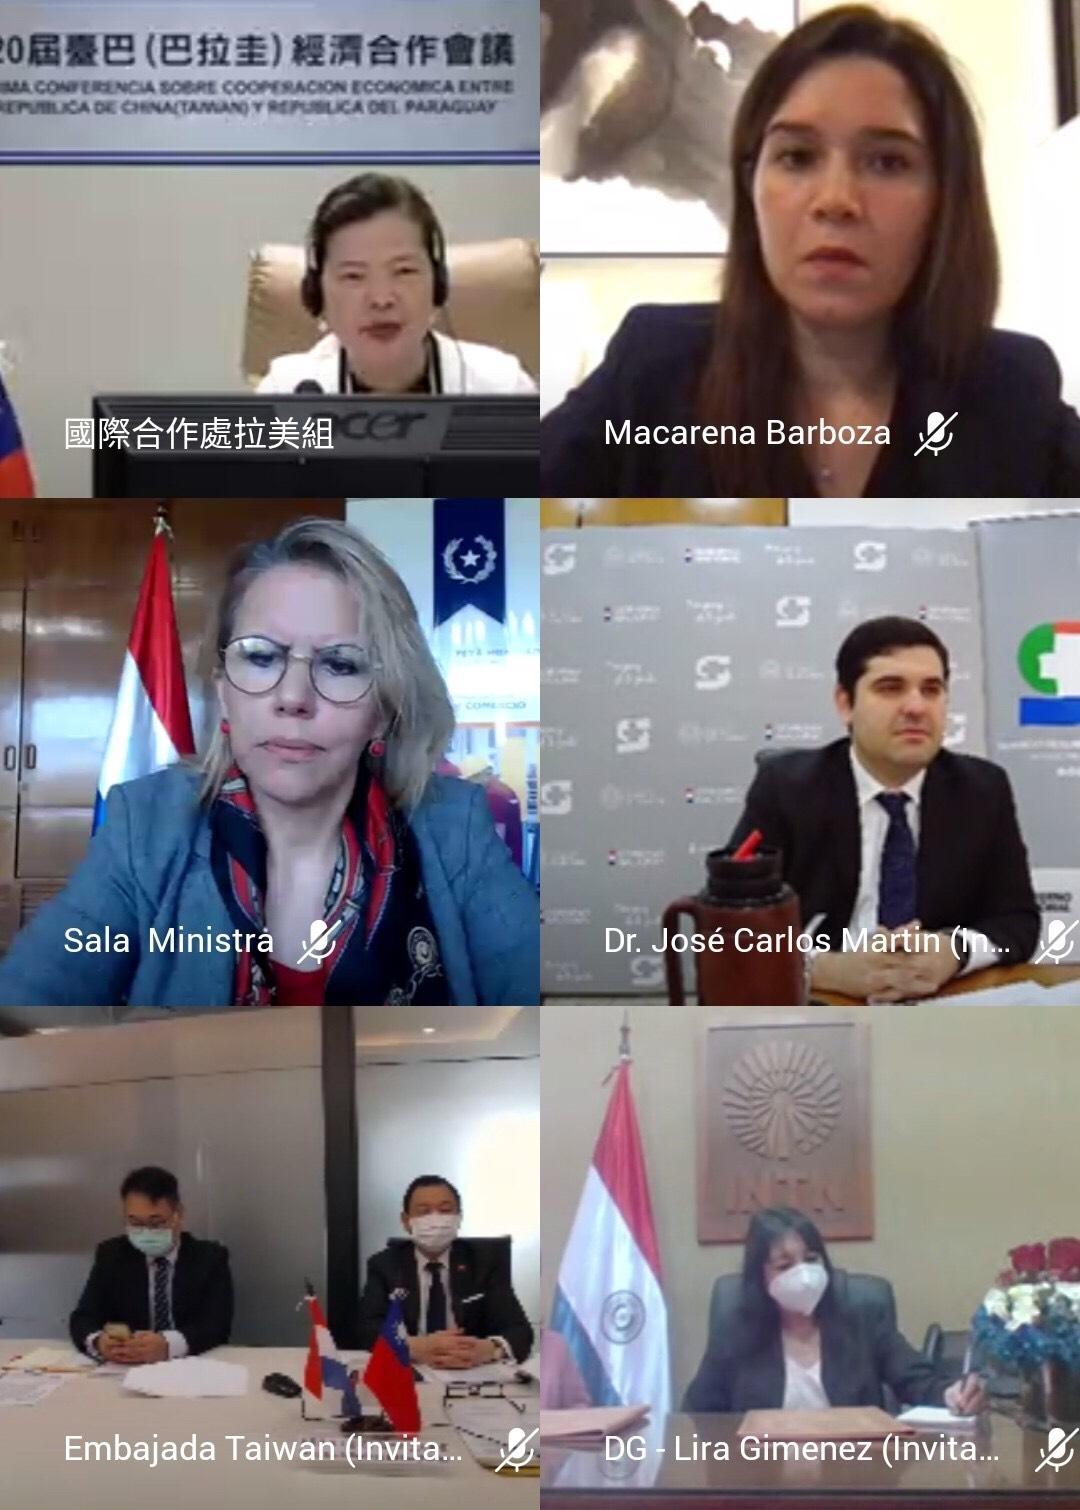 視訊會議照片(左上起王美花部長、巴國駐臺經濟專員Macarena Barboza、巴國工商部克菈梅部長、巴國動物健康局局長Jose Martin)